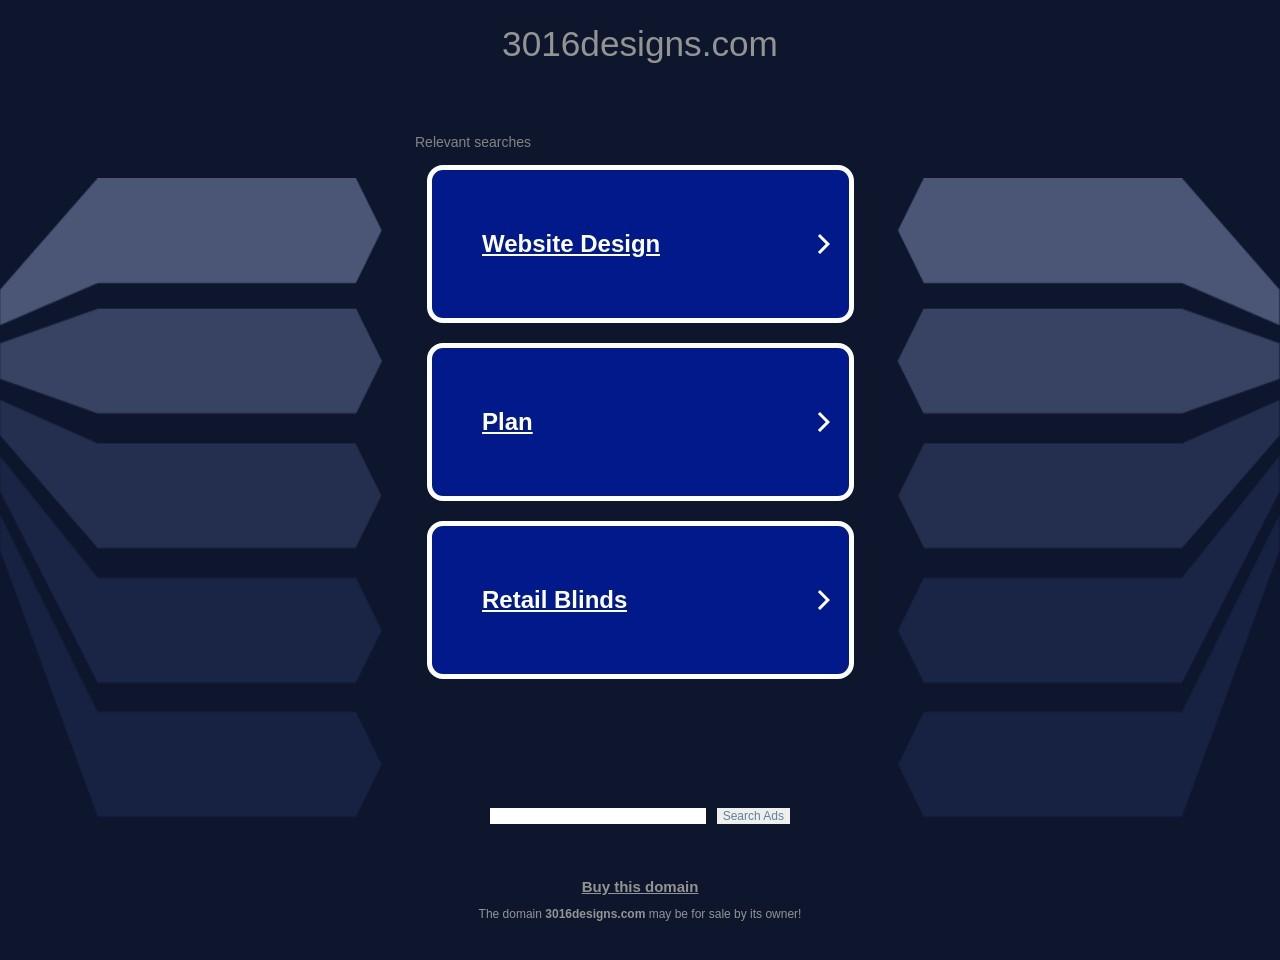 3016designs.com